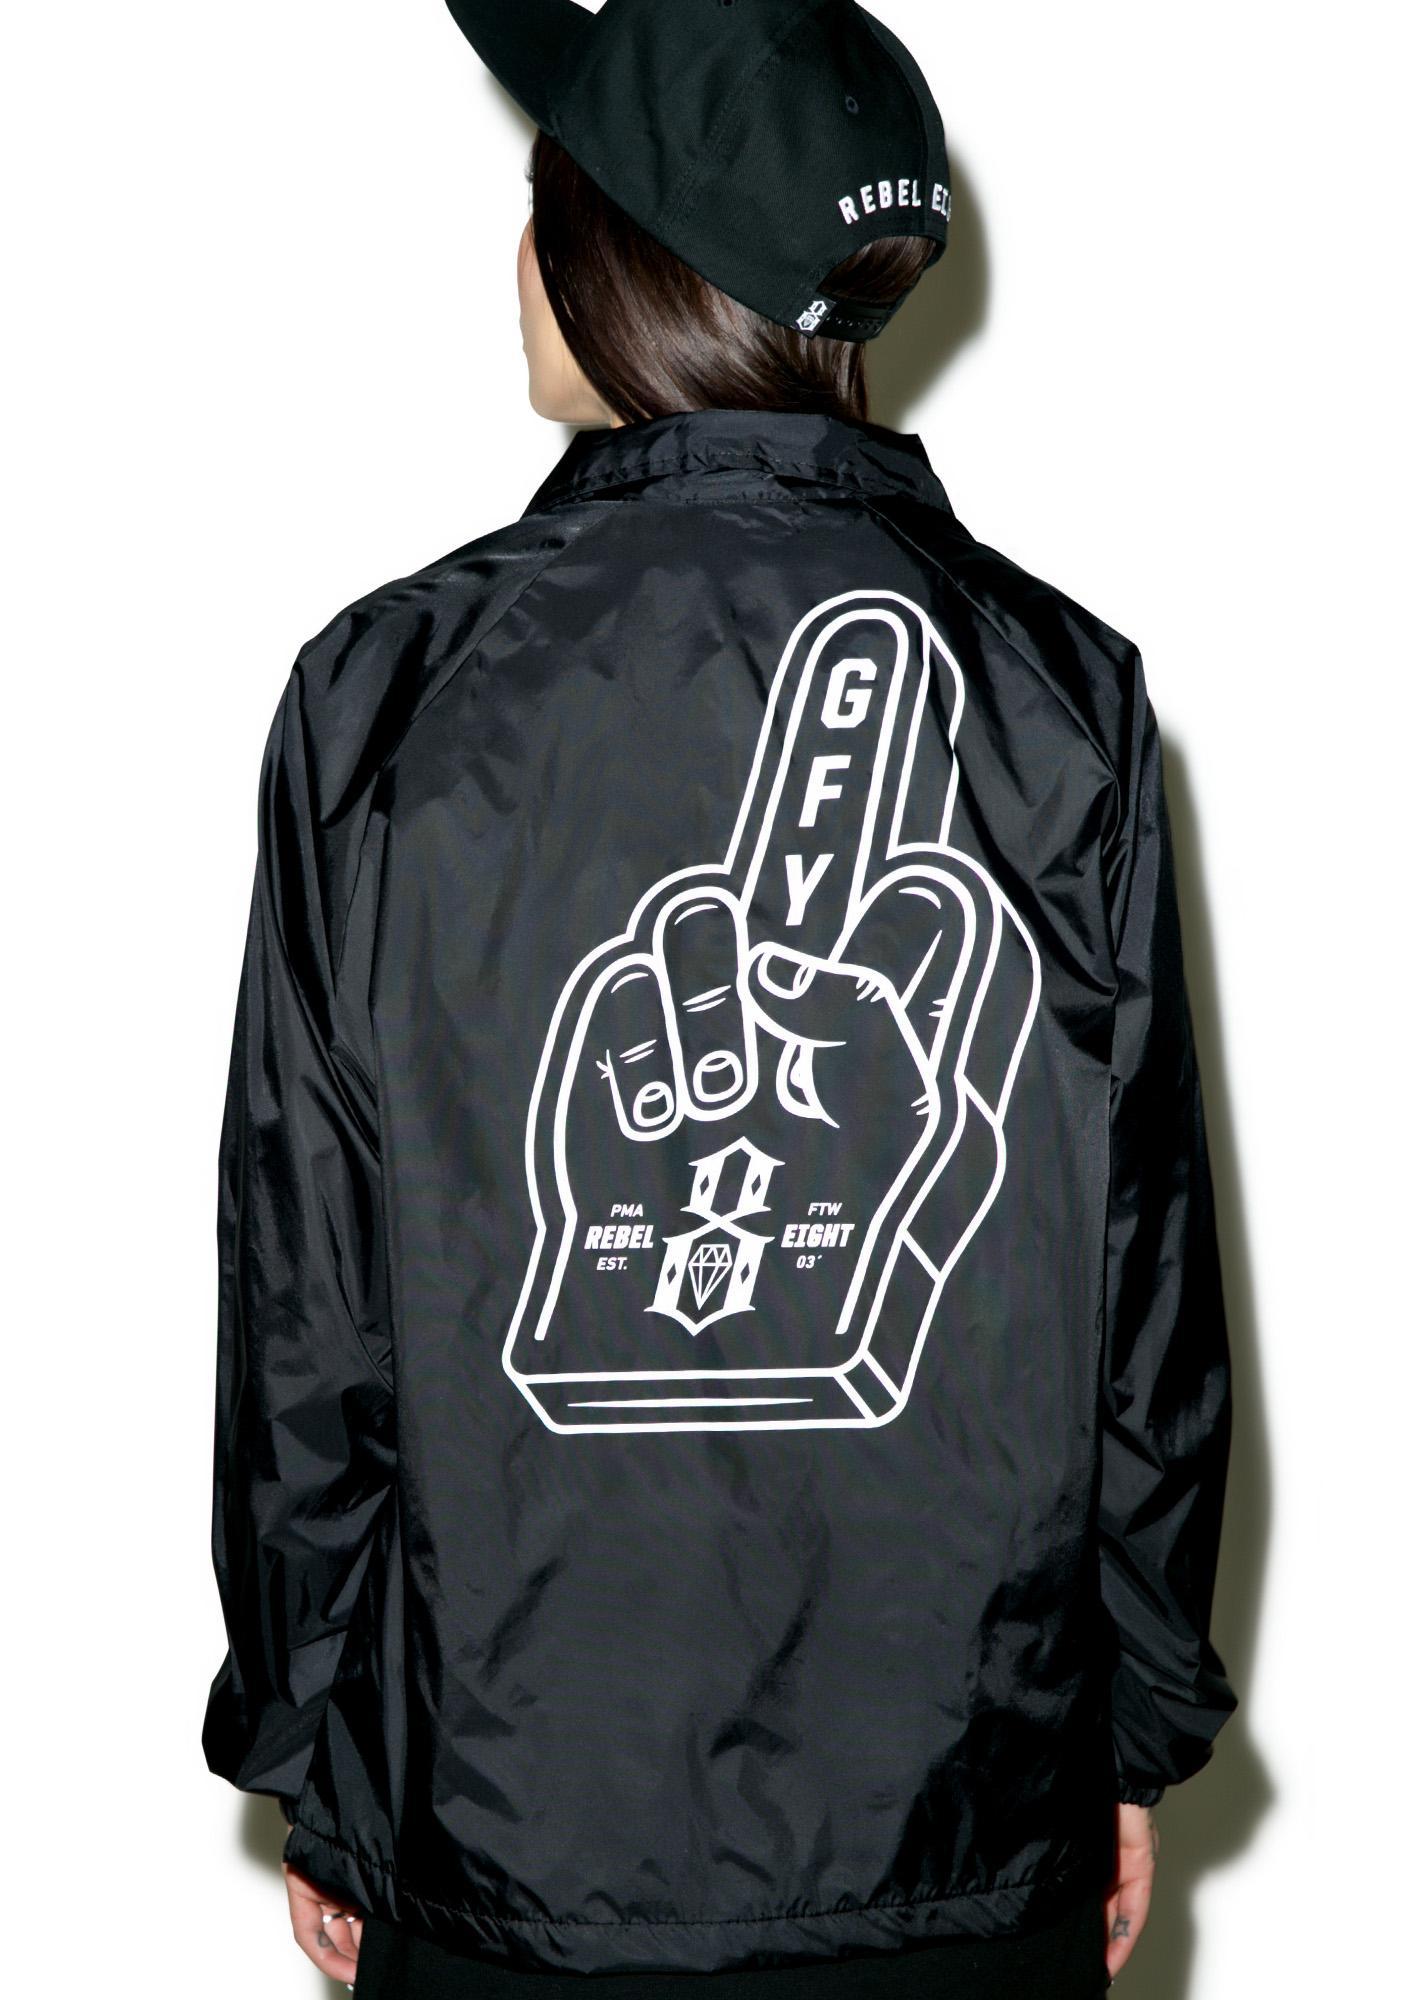 Rebel8 Go Fuck Yourself Coaches Jacket